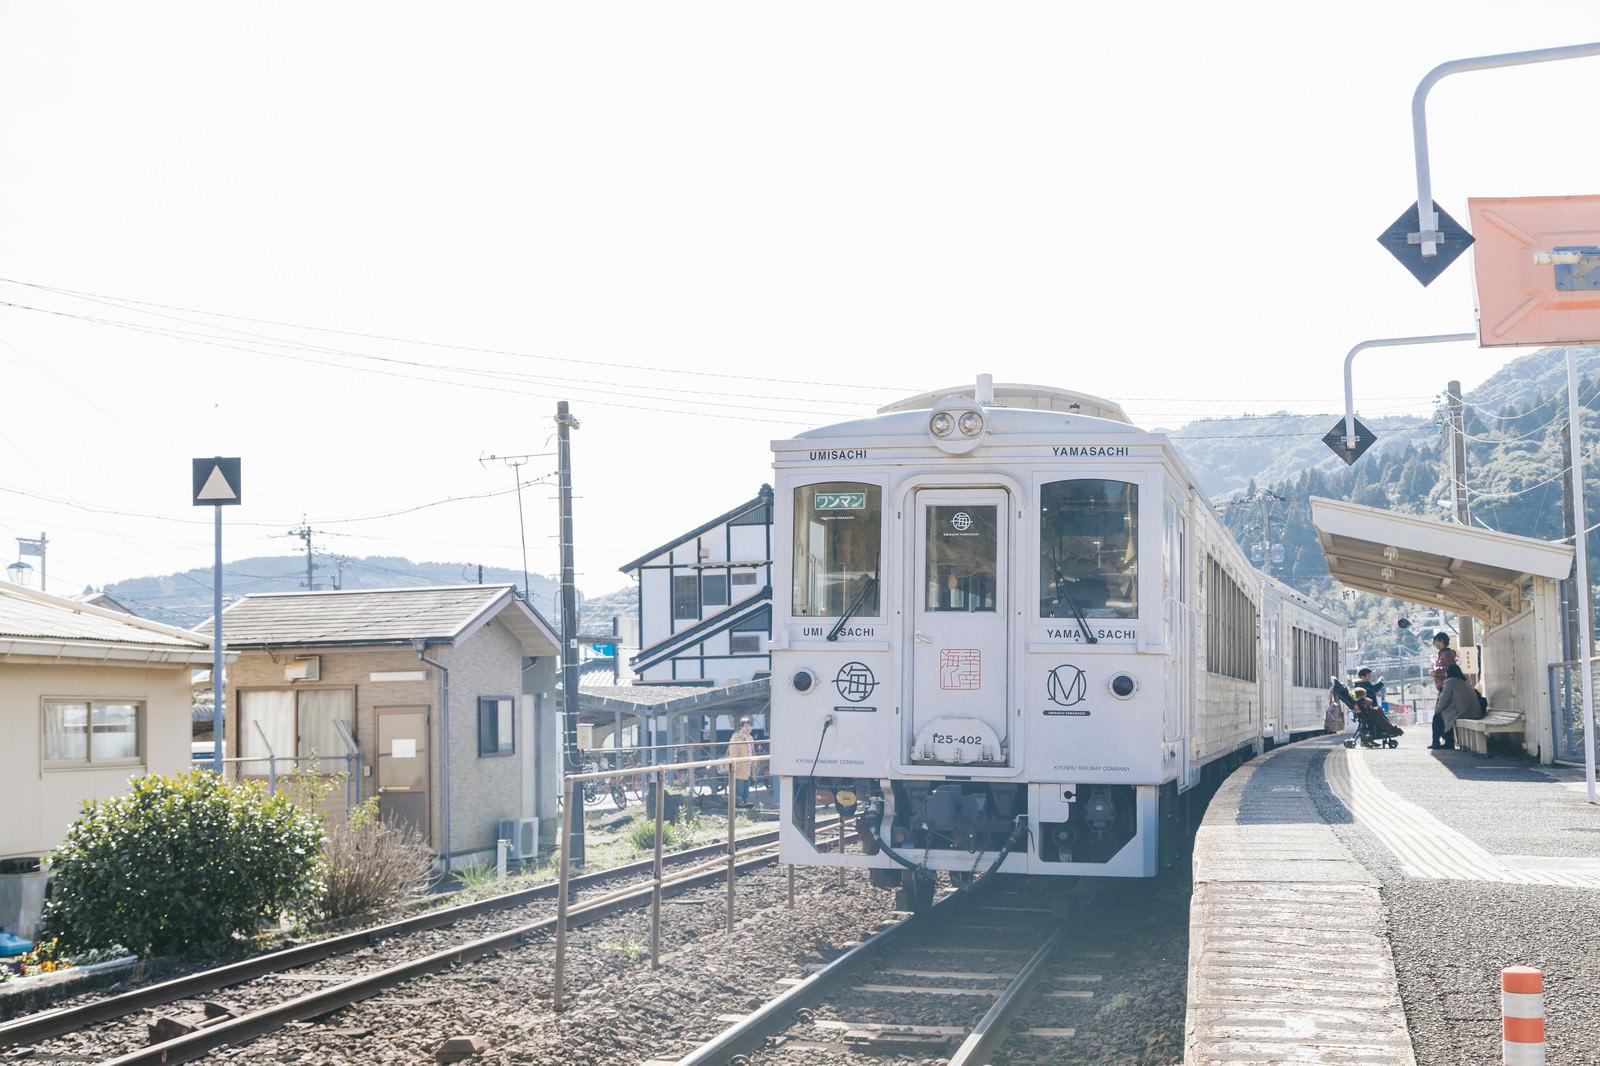 「終点の南郷駅で待機する観光列車「海幸山幸」」の写真